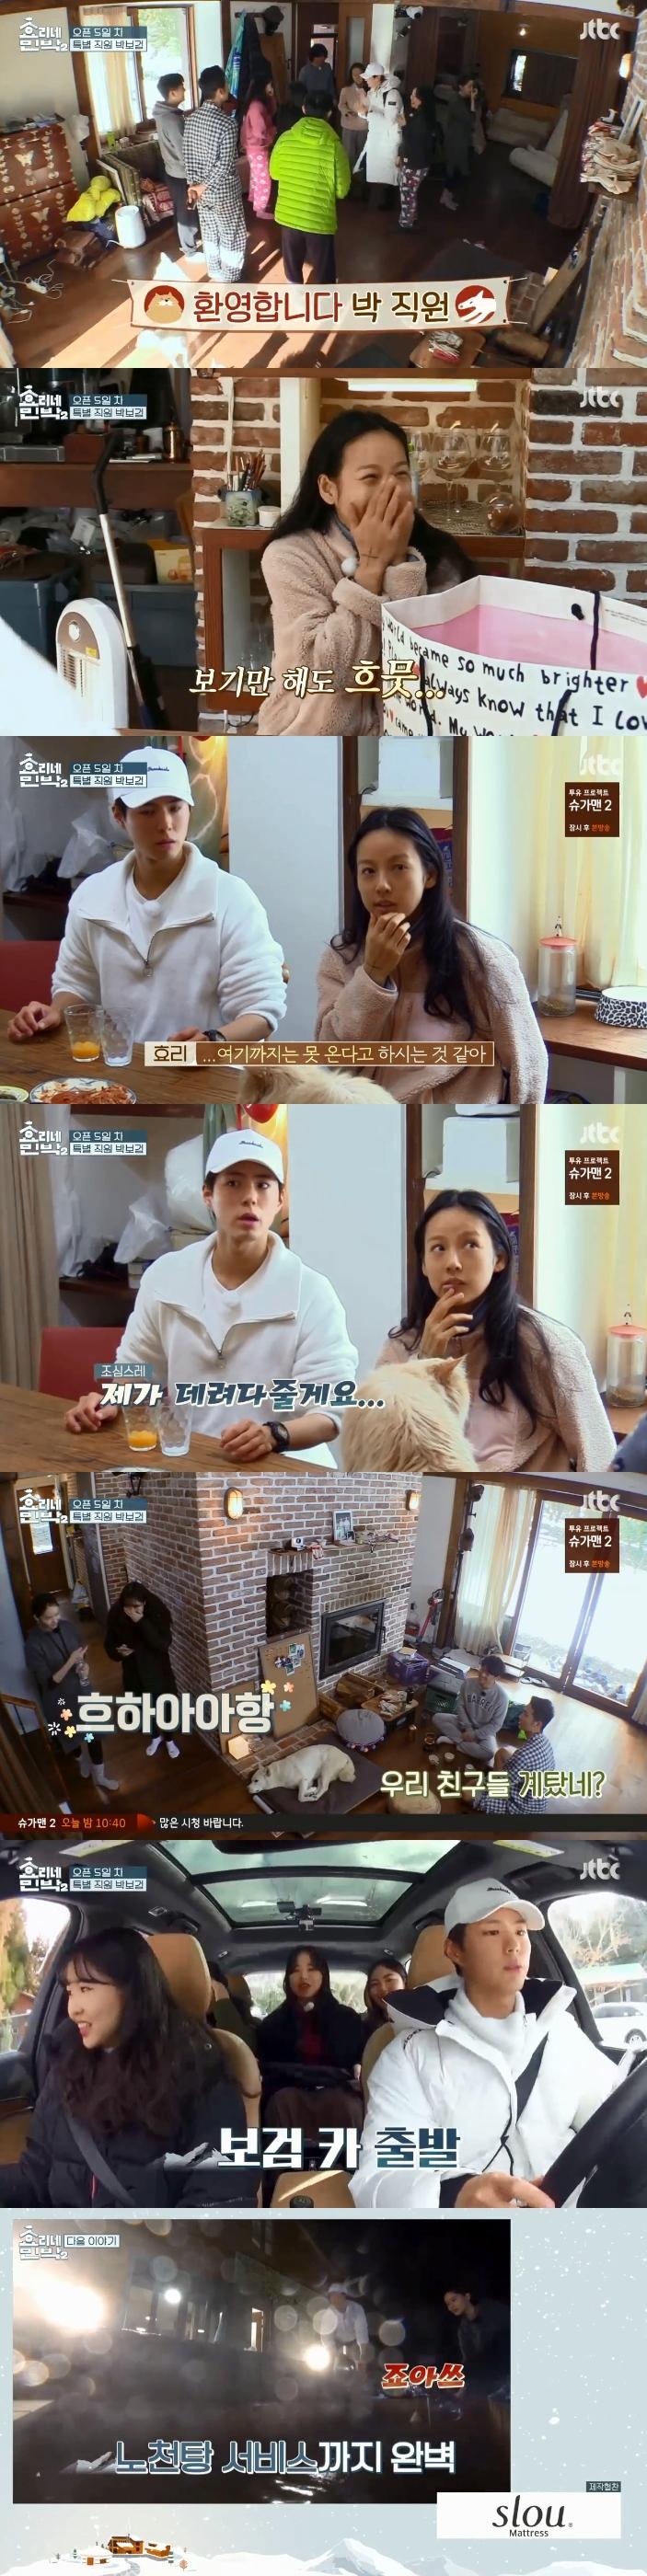 '효리네 민박2', JTBC 역대 예능 최고 시청률 11.2% 기록